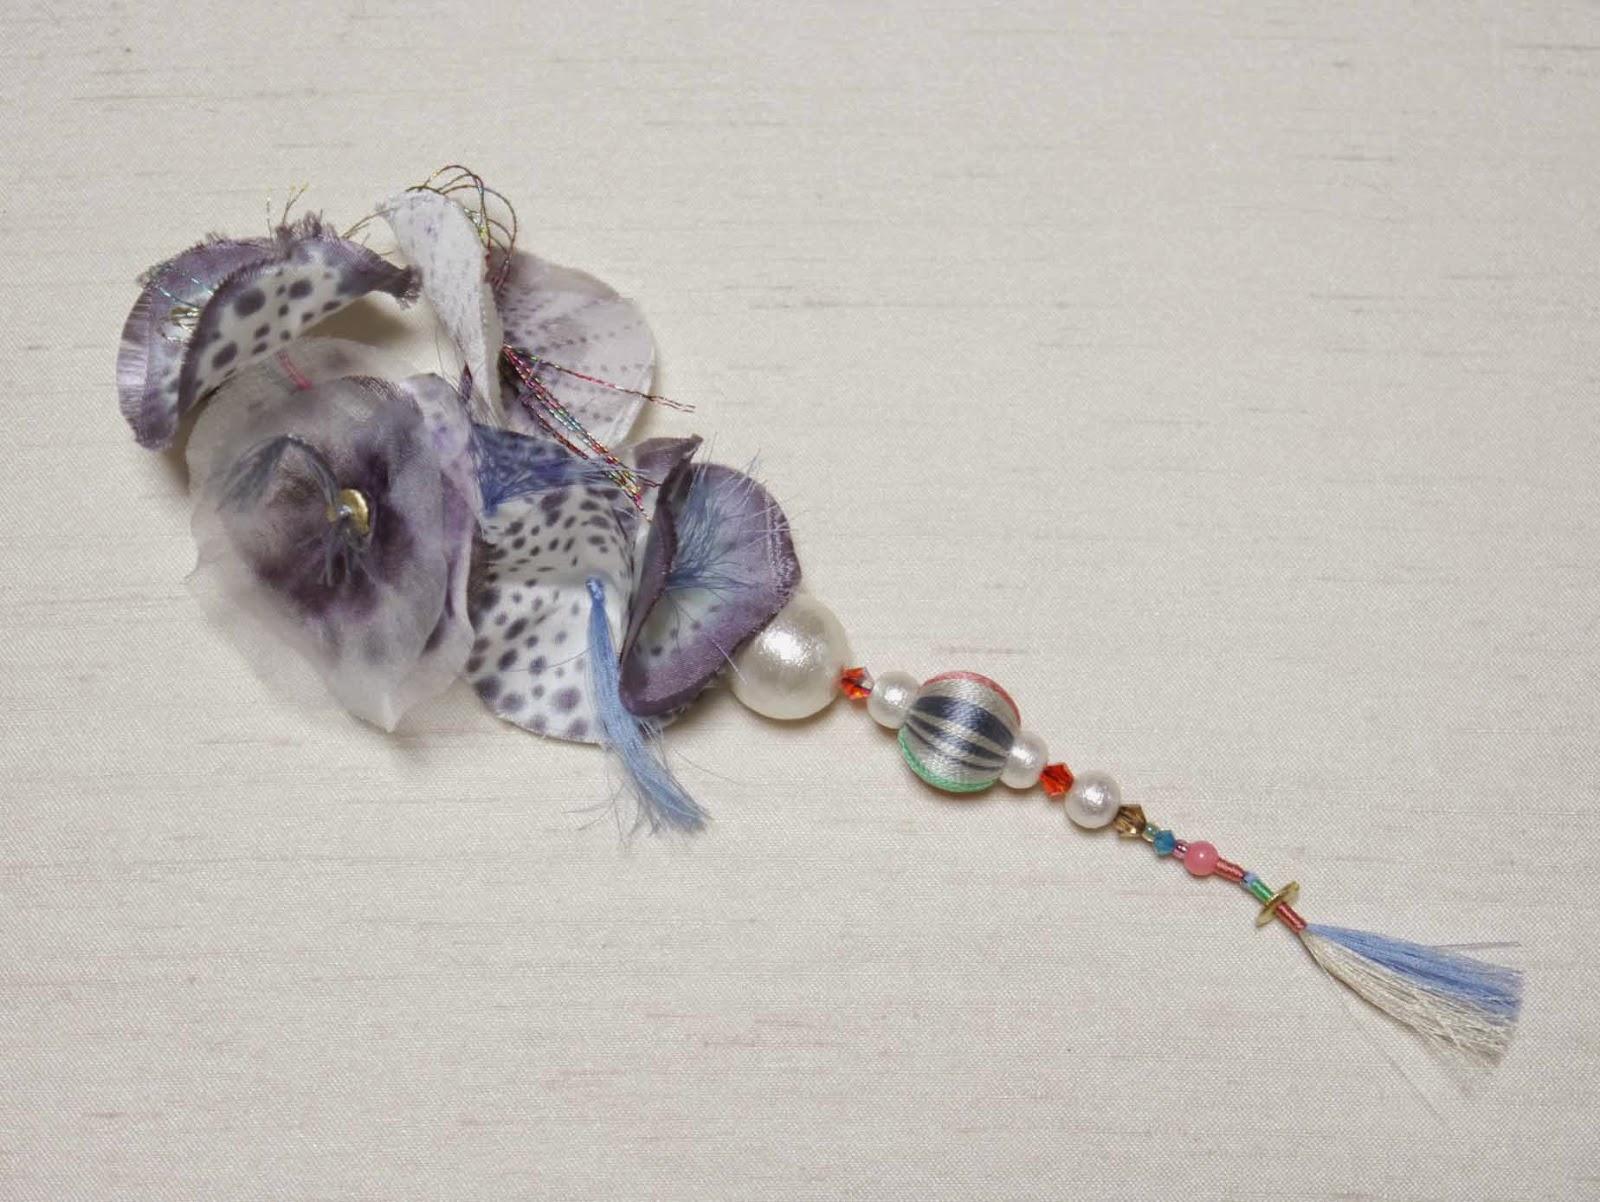 #ヘッドドレス #Headdress #ヘッドピース #Headpiece #髪飾り #かんざし  #コサージュ #corsage #着物 #振袖 #成人式 #ブライダル #Bridal  #ウェディング #wedding #造花 #flower #ヘッドドレスアーティスト  #artist #デザイナー#designer #ピアス #norikonakaji